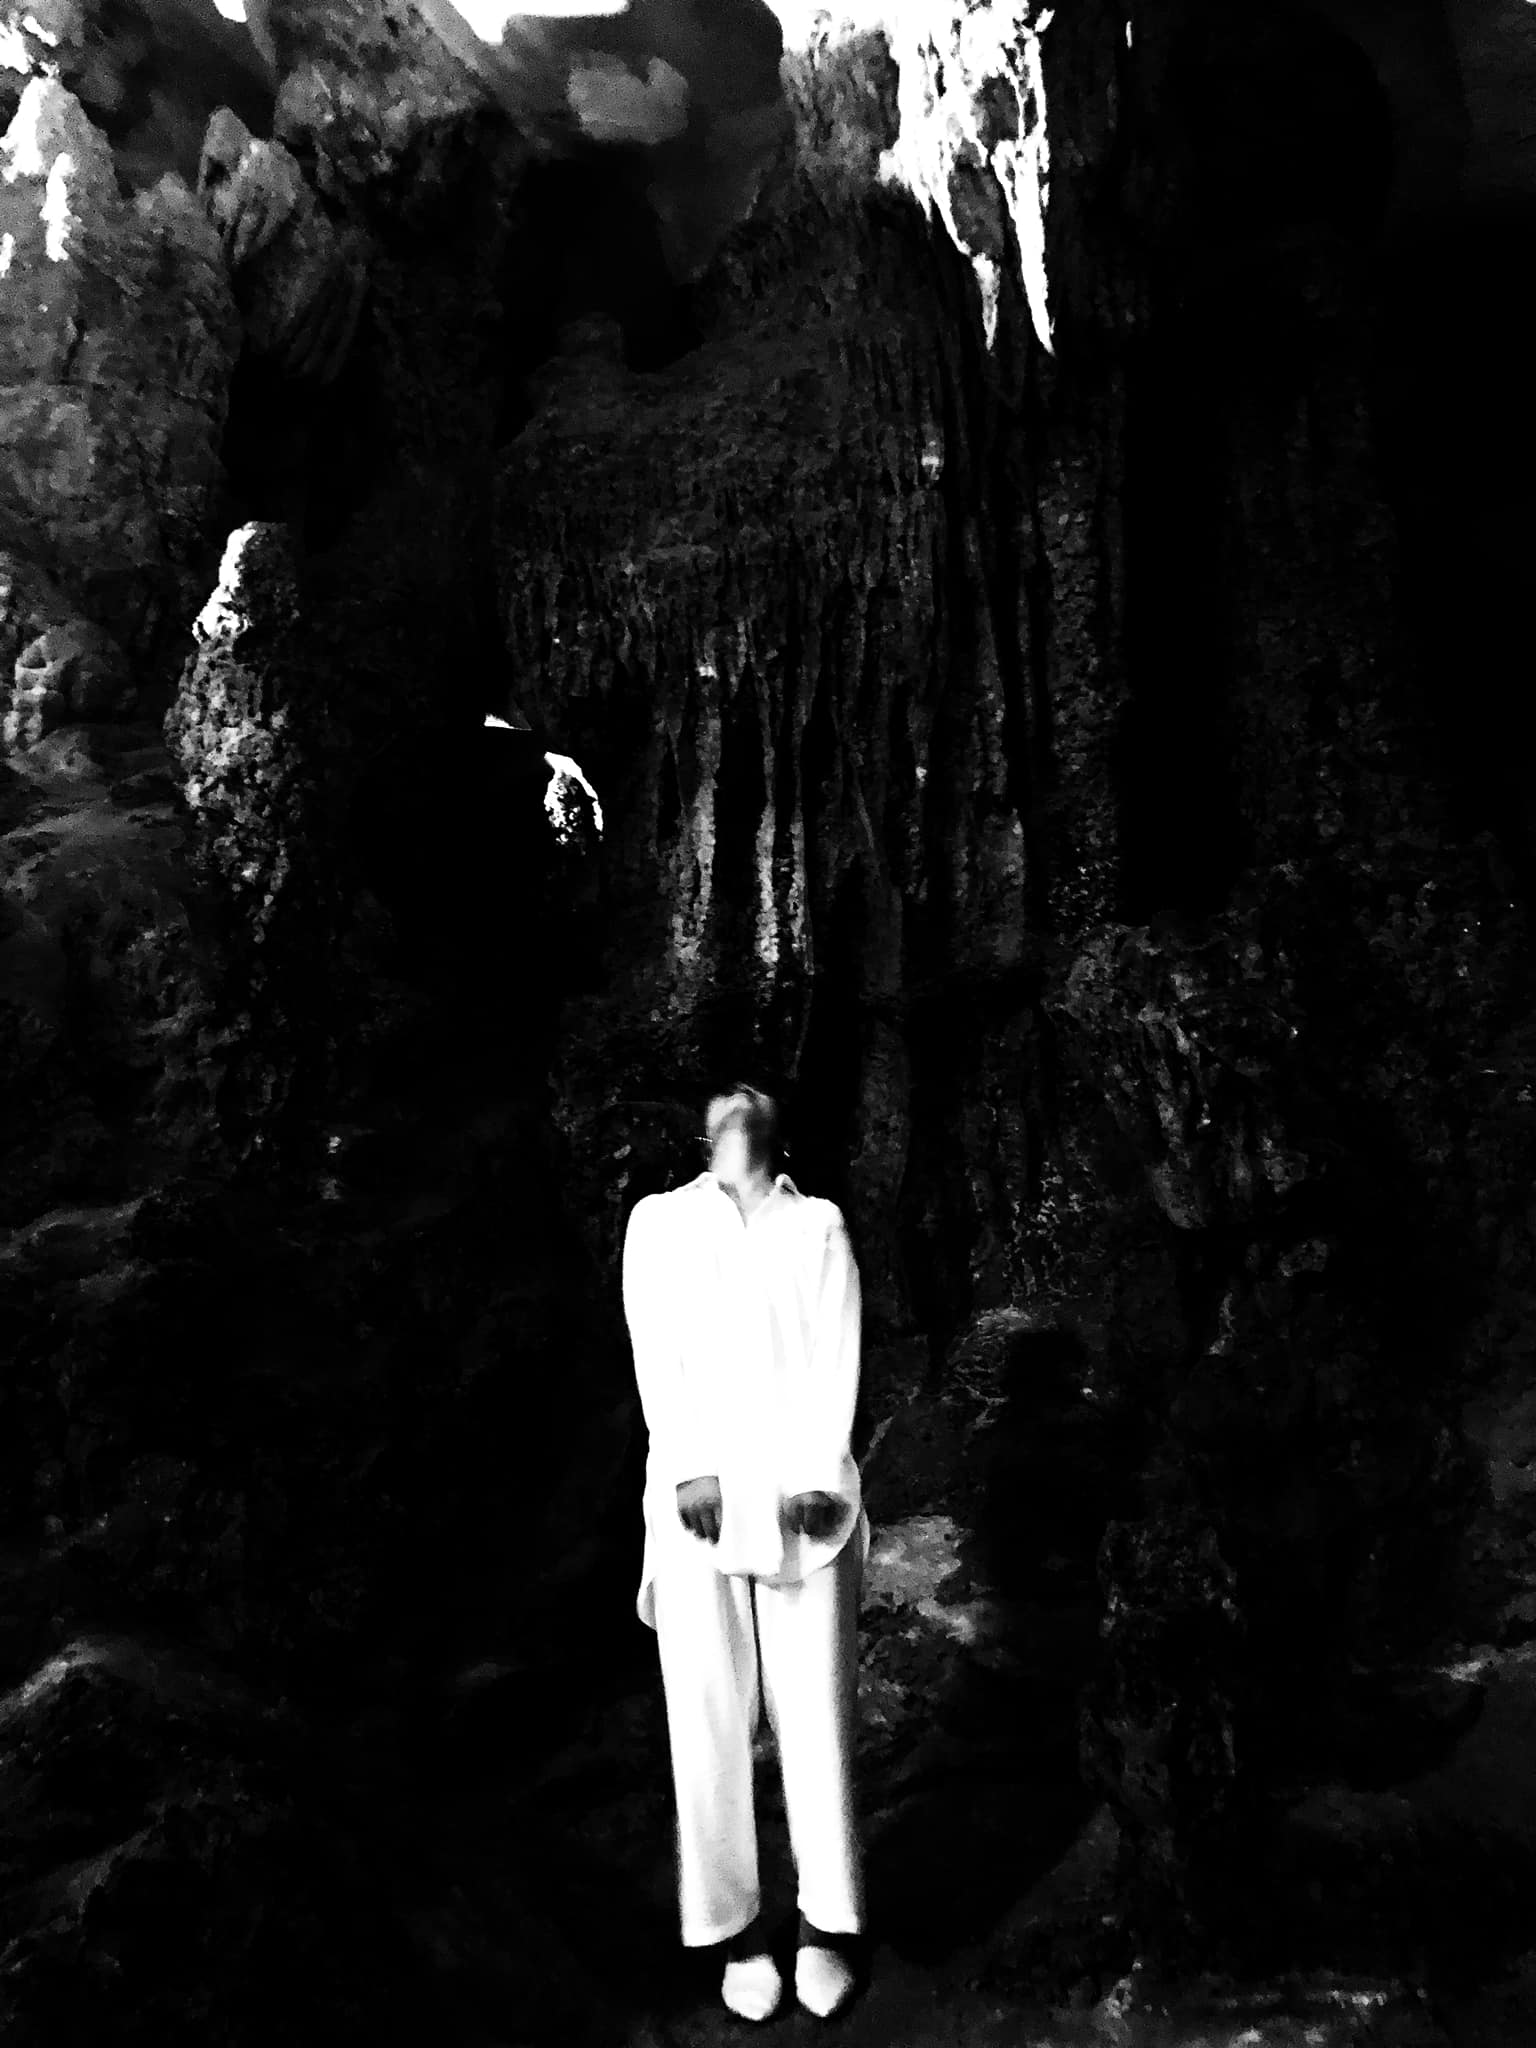 Phát sốt với loạt ảnh kinh dị trong hang Sửng Sốt theo đúng nghĩa đen